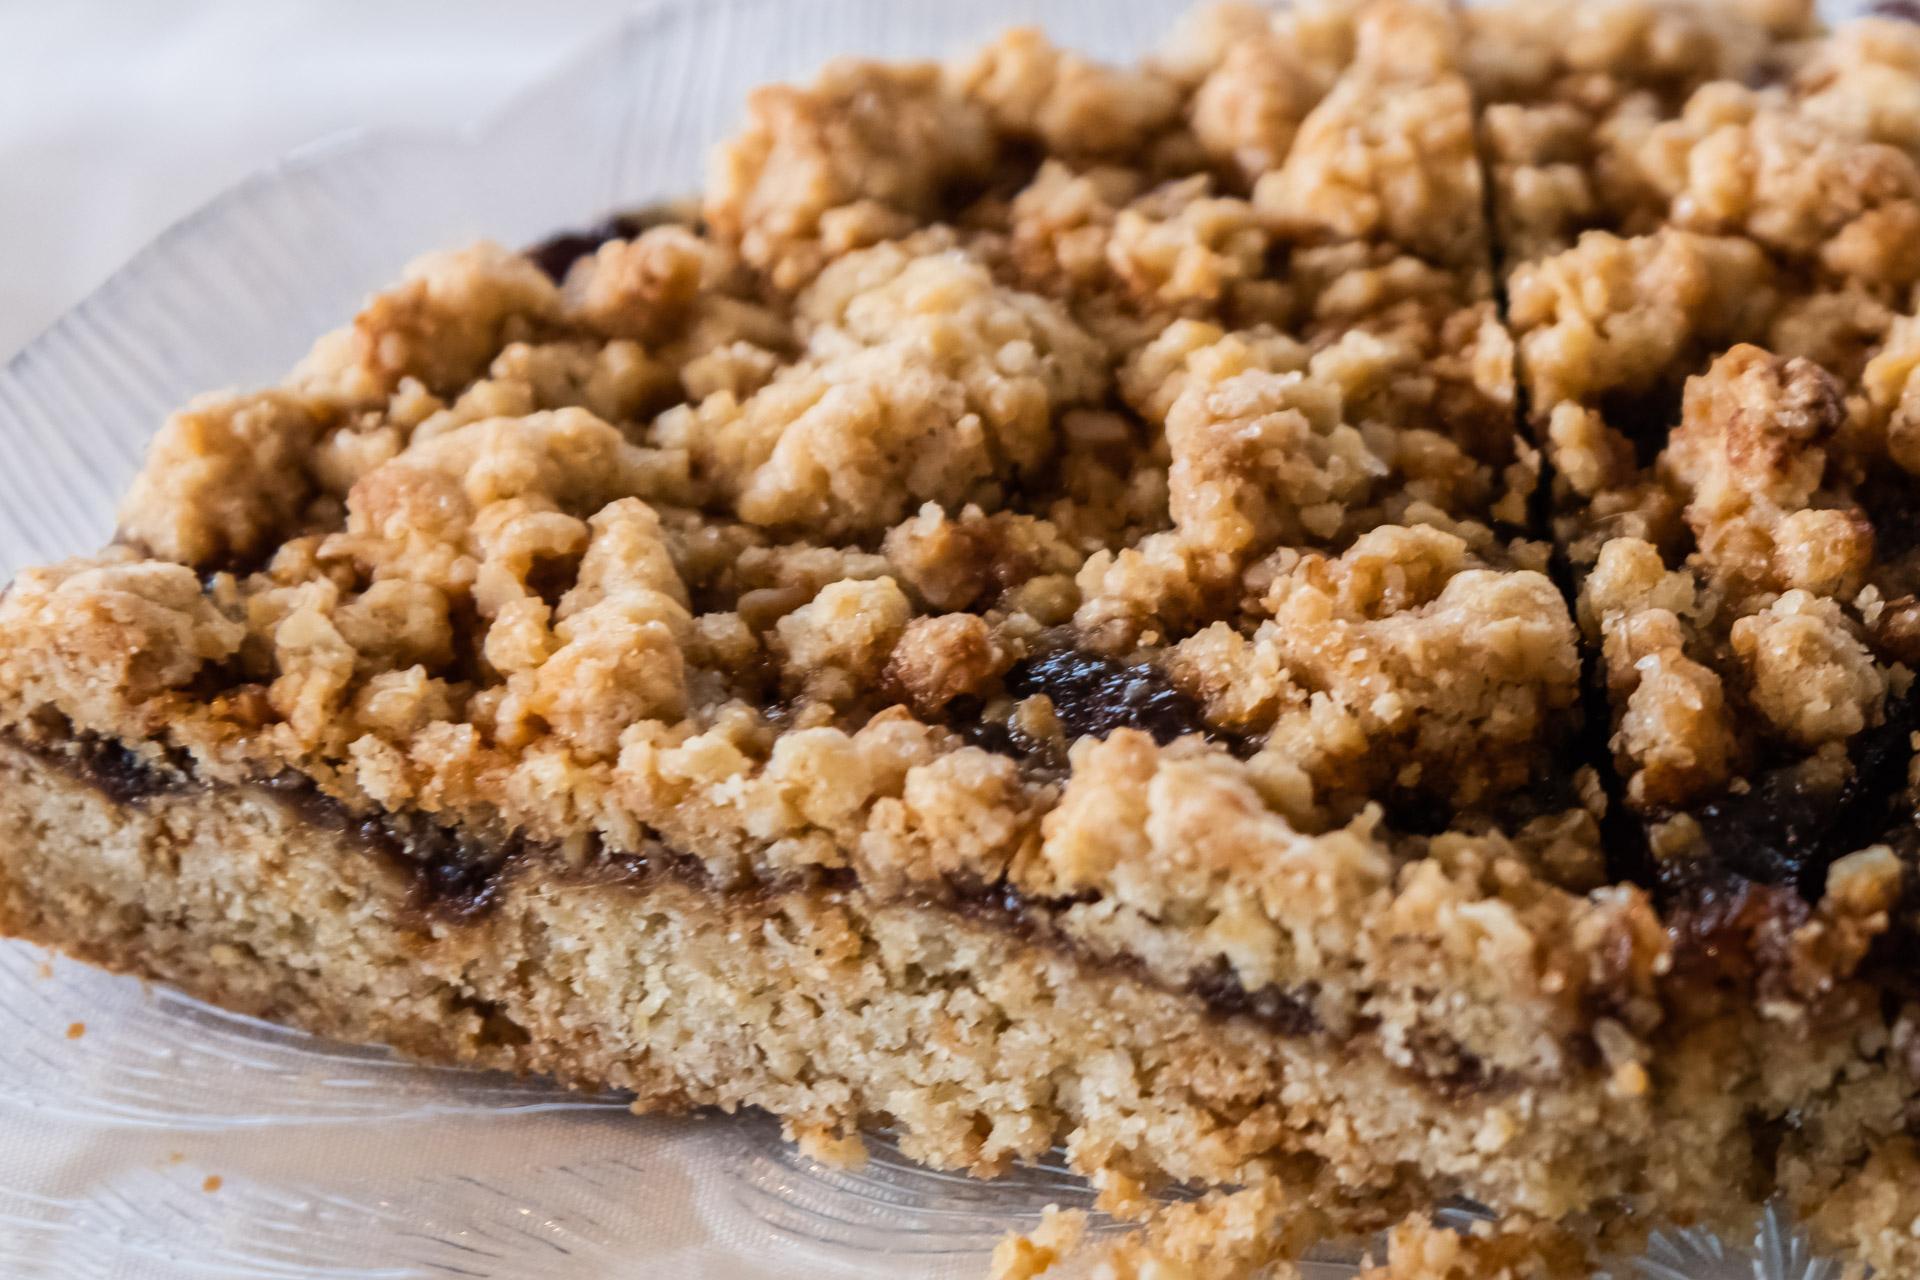 Hjónabandsaela isländischer Rhabarberkuchen